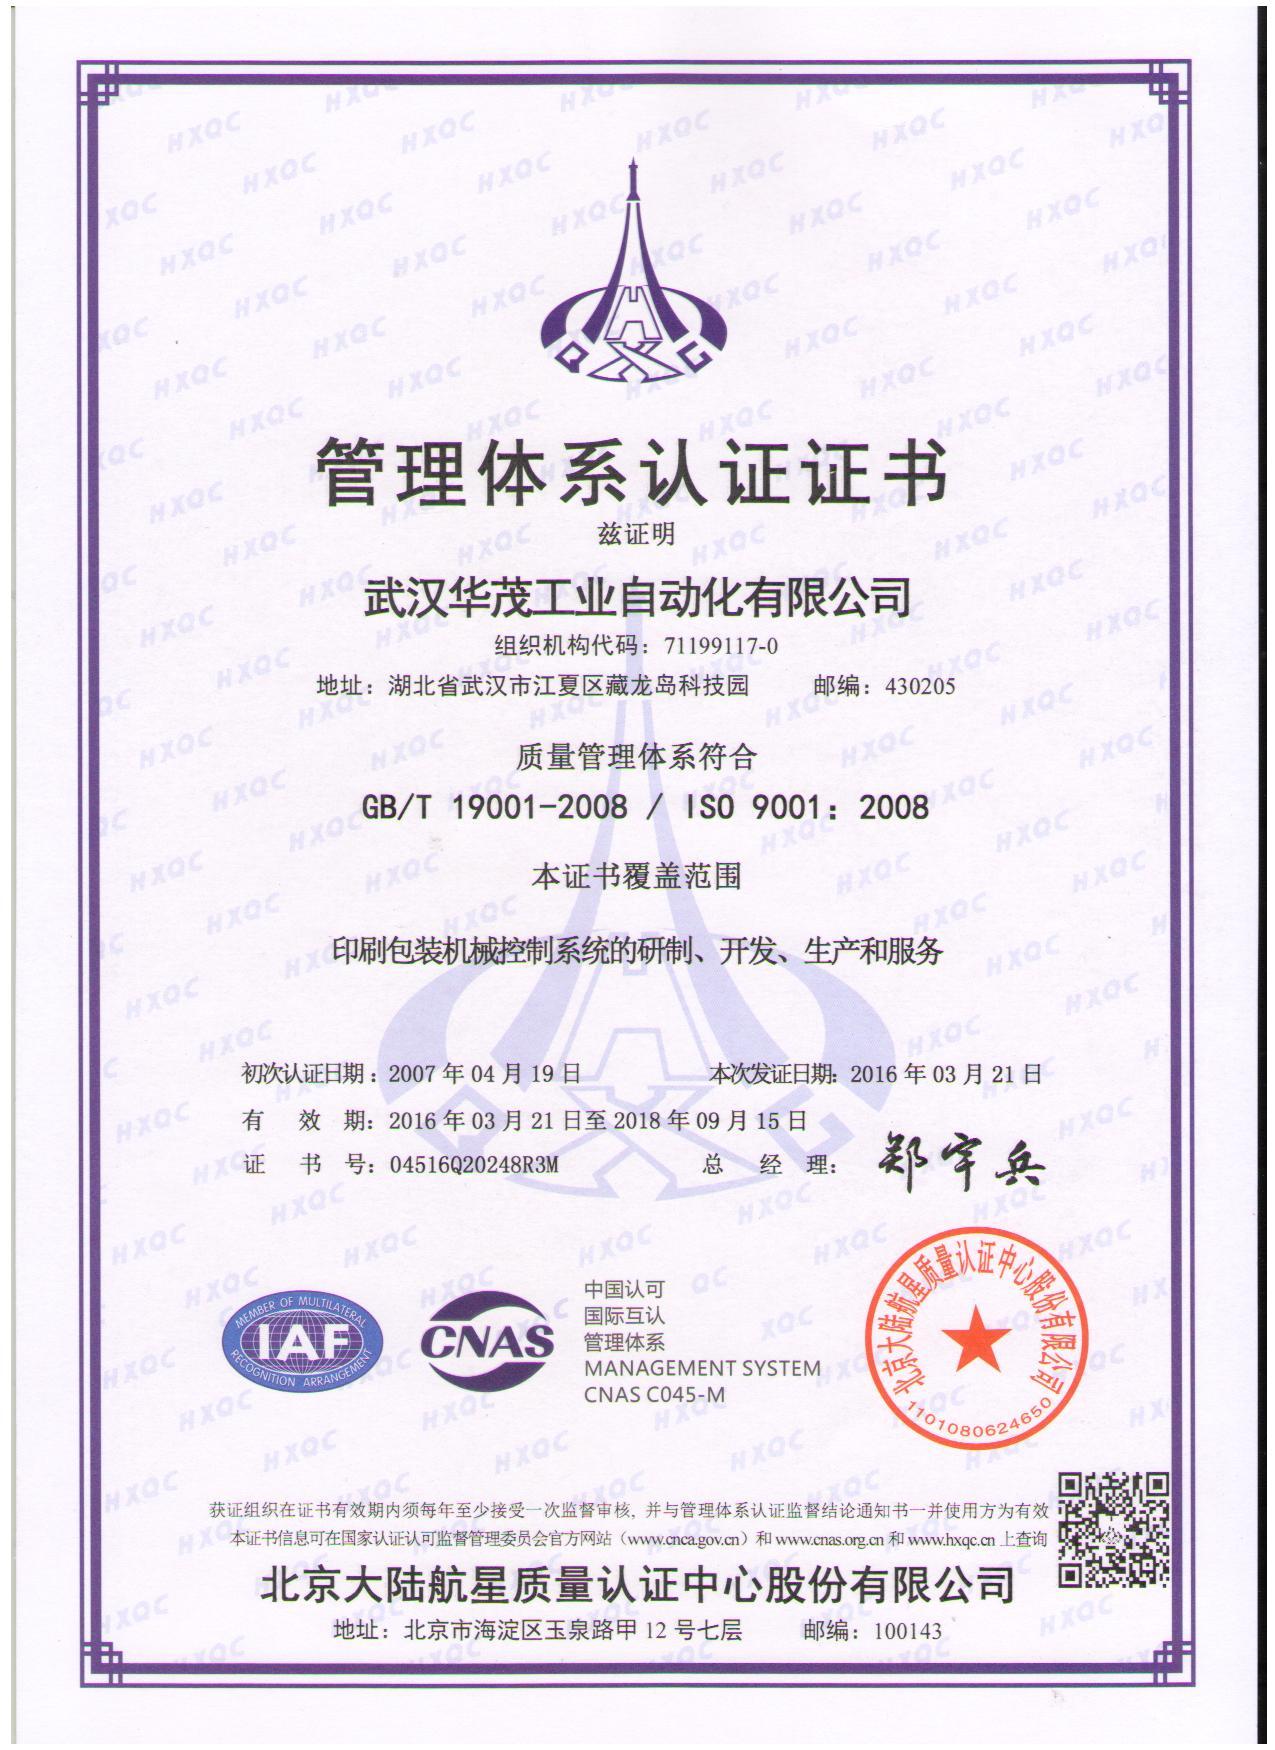 亚博app下载地址证书-ISO9001质量管理体系18年